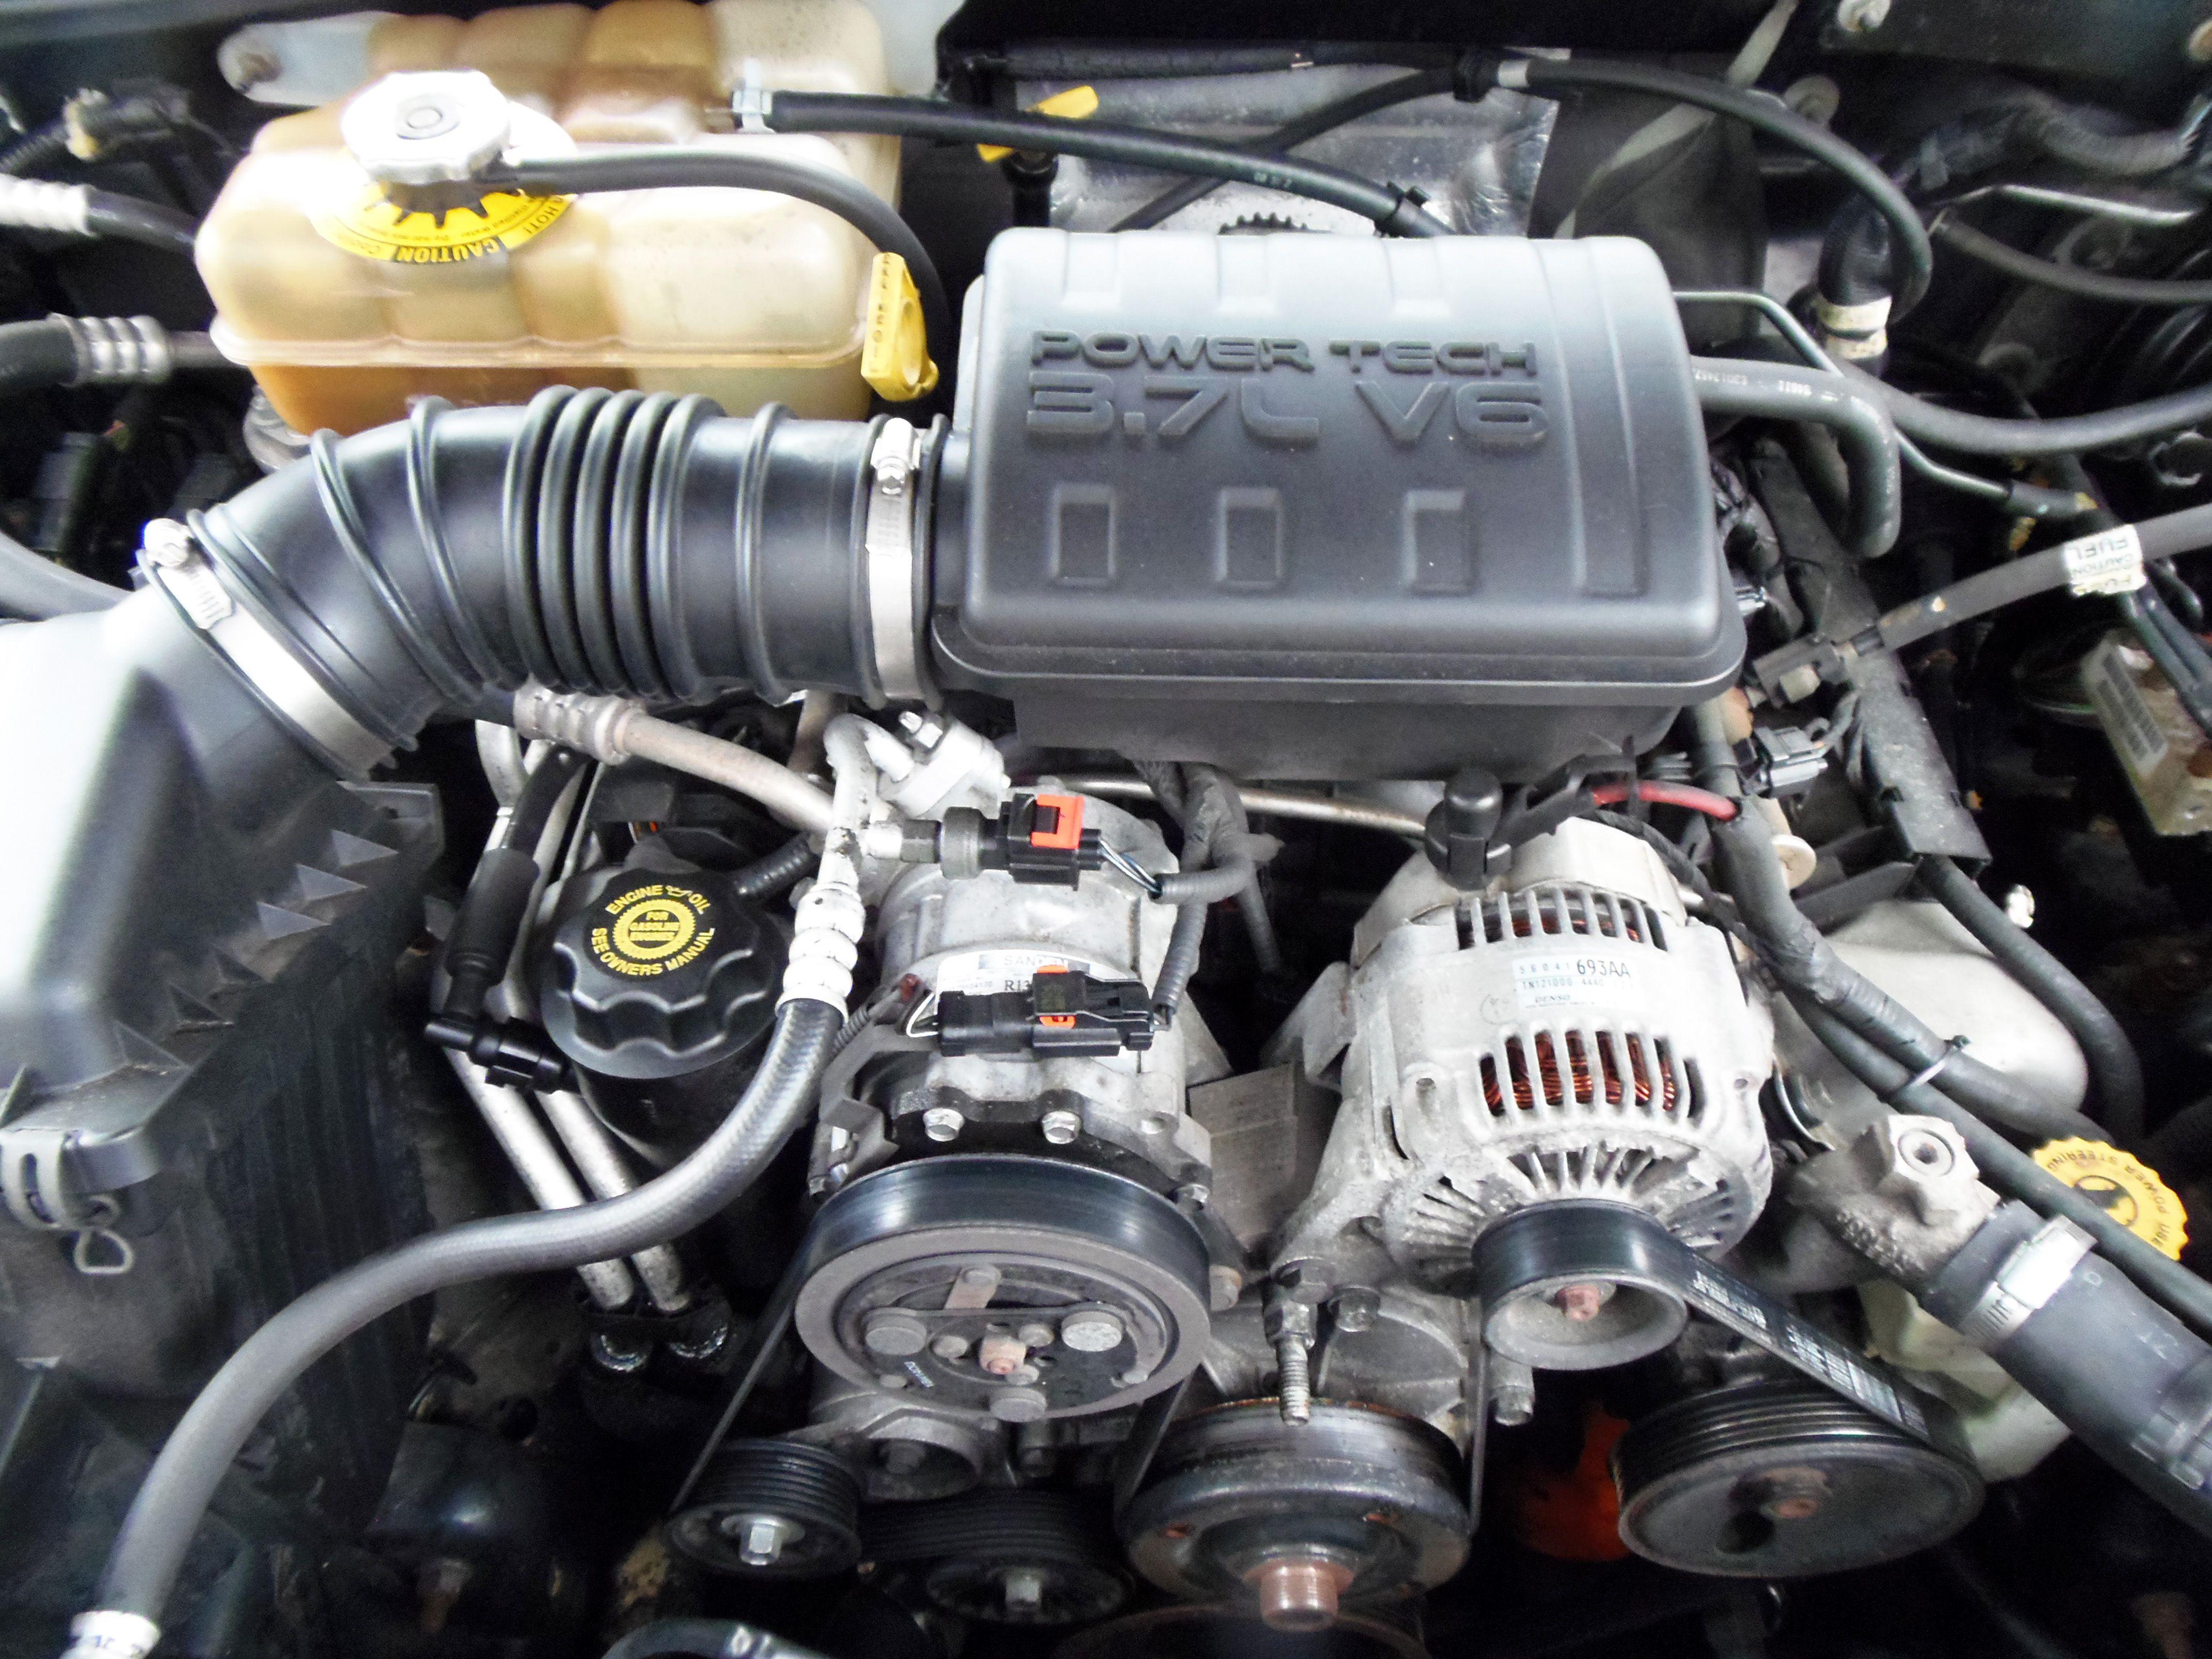 High Mileage Vehicle Maintenance Checklist